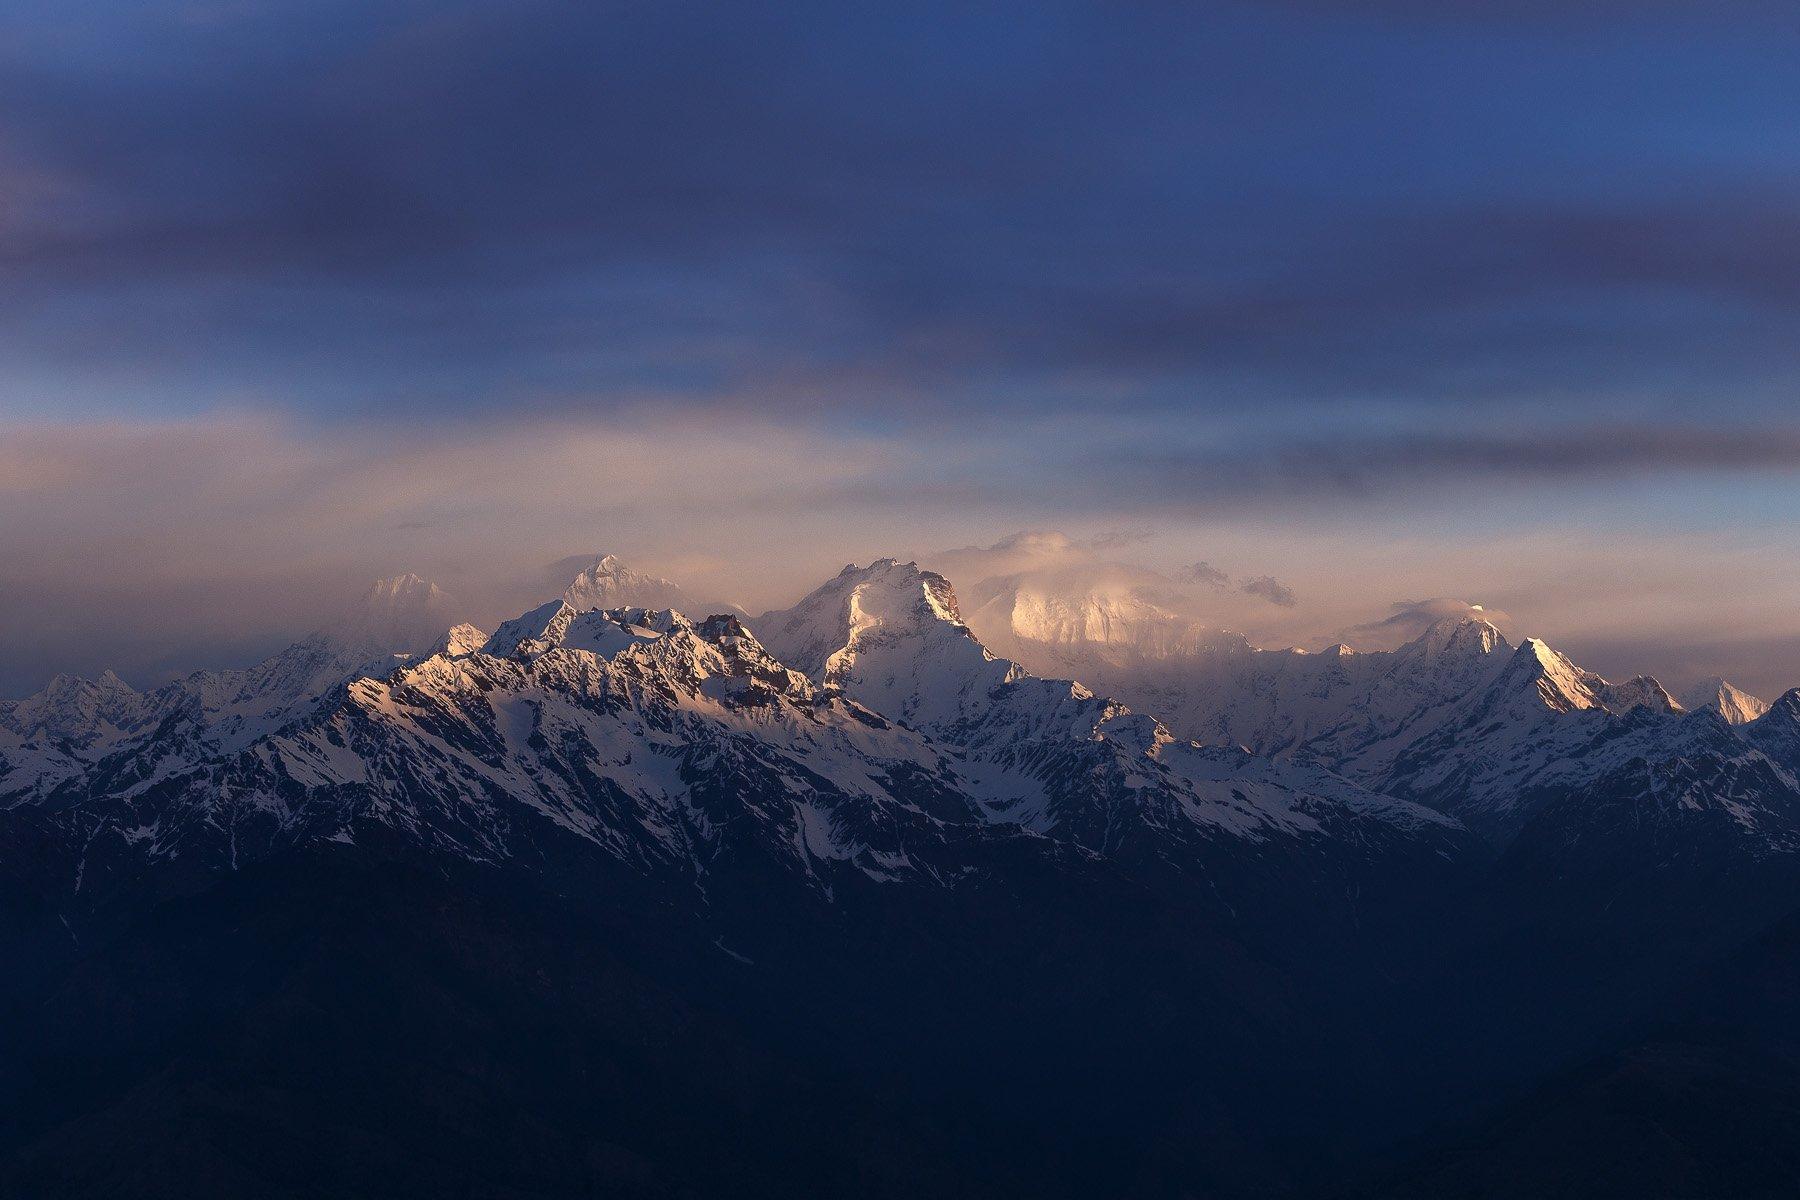 горы, непал, пейзаж, природа, рассвет, Купрацевич Дмитрий